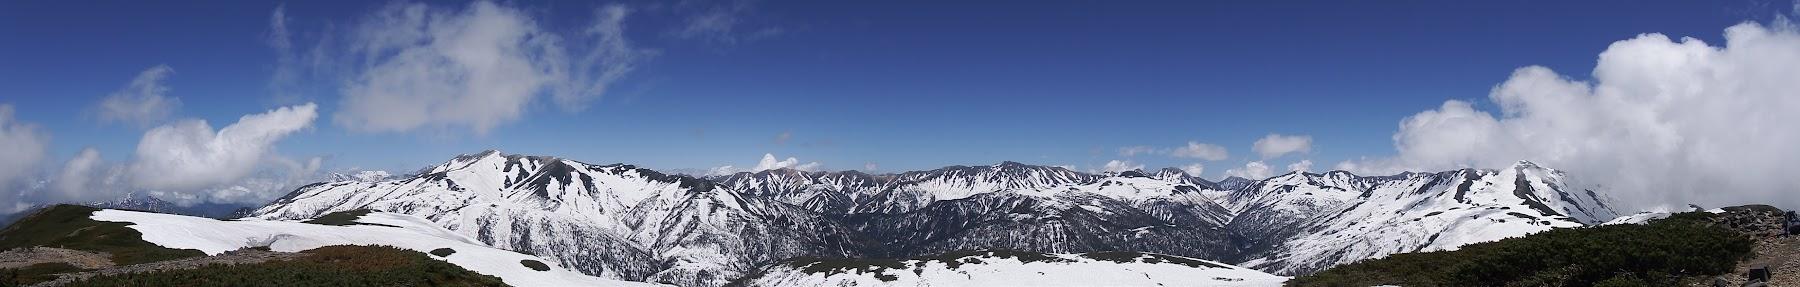 北ノ俣岳からパノラマ